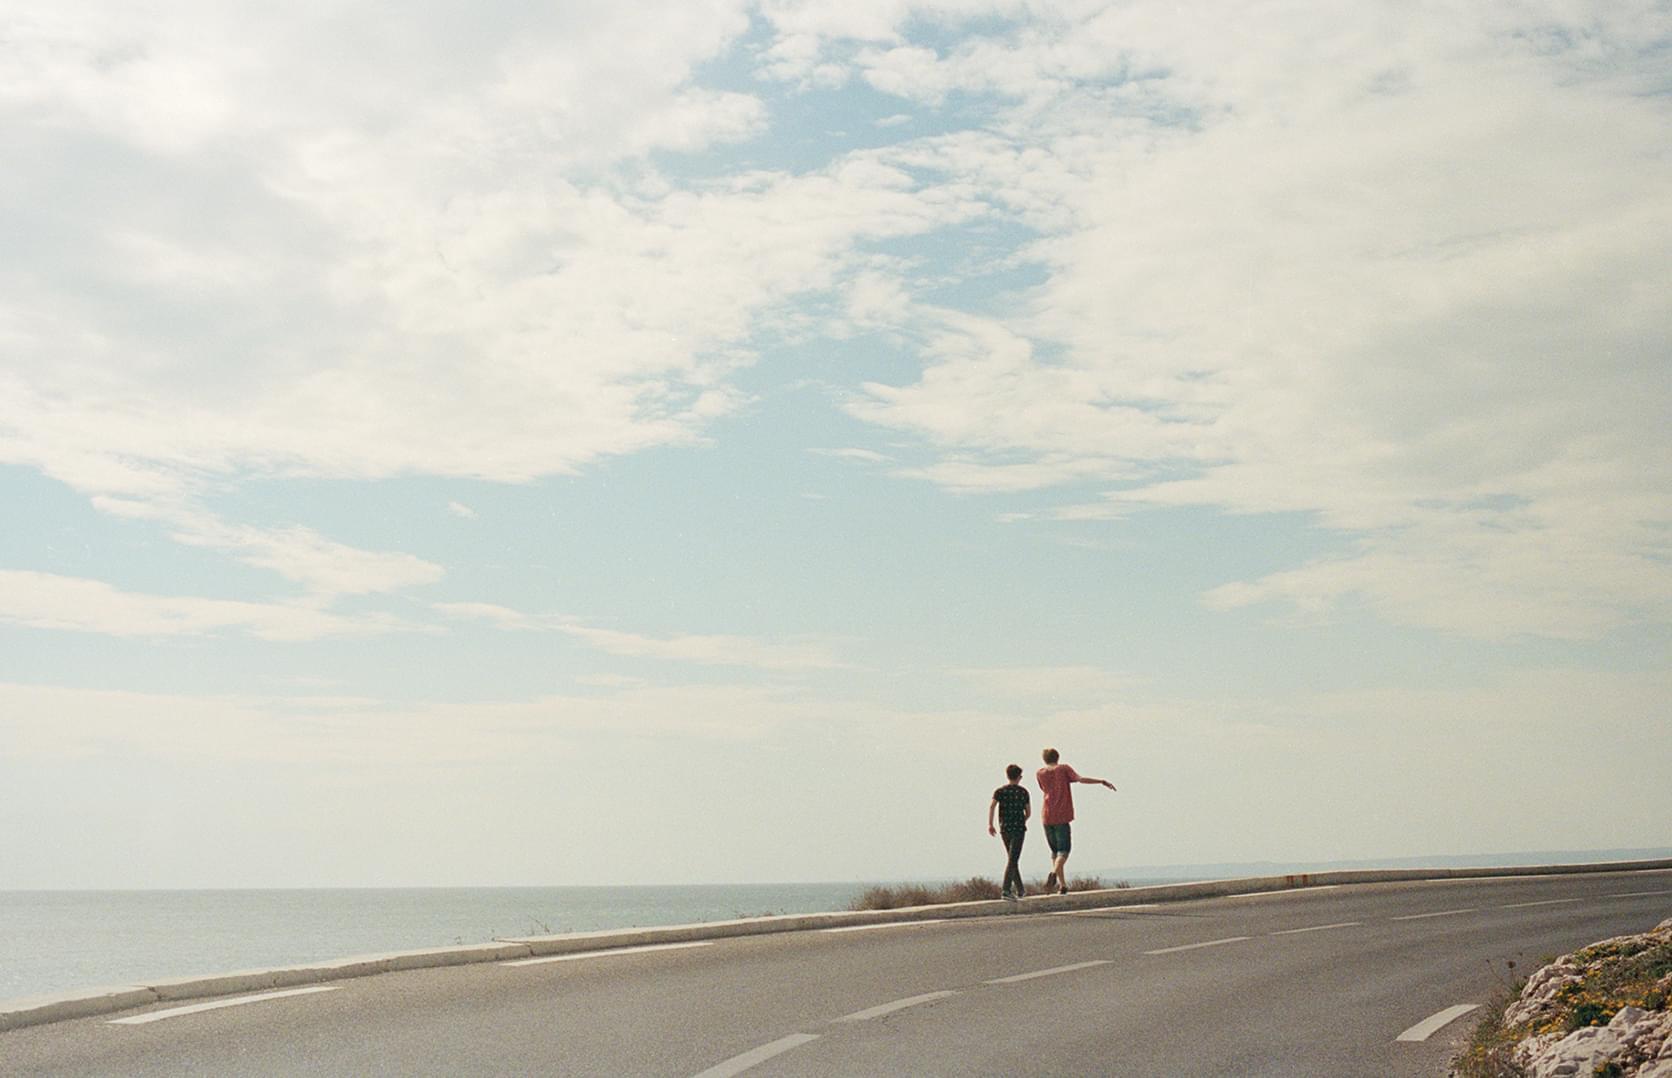 Deux personnes sur une route en bord de mer